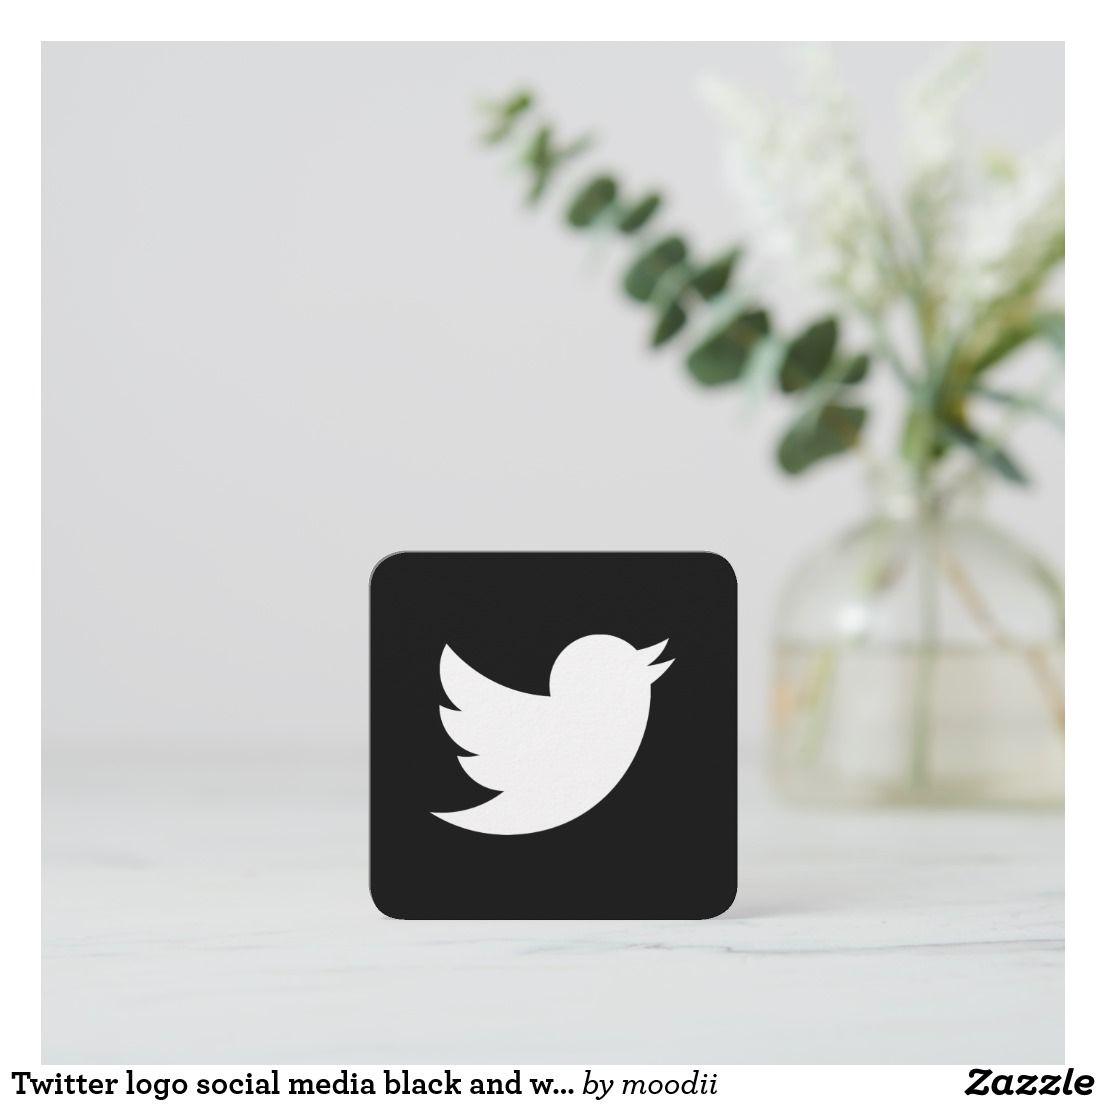 Twitter Logo Social Media Black And White Promo Calling Card Zazzle Com Twitter Logo Calling Cards Business Card Logo